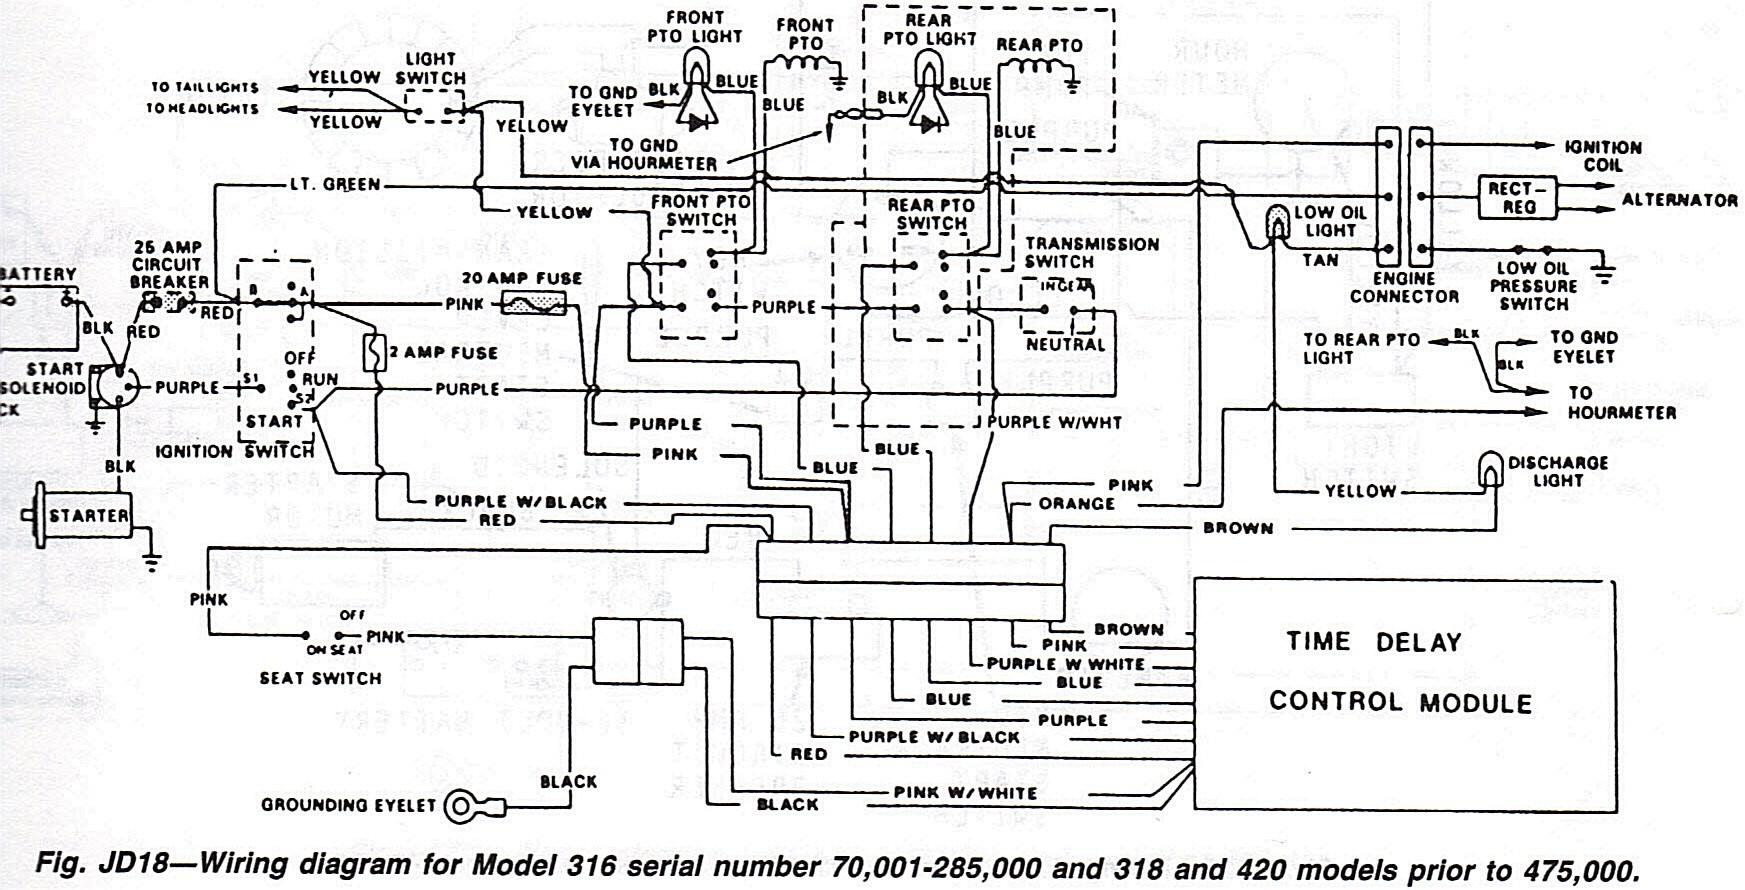 Wiring Diagram For Z425 John Deere john deere z245 wiring ... on john deere 190c wiring diagram, john deere d100 wiring diagram, john deere la145 wiring diagram, john deere la135 wiring diagram, john deere la115 wiring diagram, john deere la125 wiring diagram, john deere l111 wiring diagram, john deere g110 wiring diagram, john deere z445 wiring diagram, john deere la140 wiring diagram, john deere d140 wiring diagram, john deere gx335 wiring diagram, john deere d110 wiring diagram, john deere la110 wiring diagram, john deere z425 wiring diagram, john deere la165 wiring diagram, john deere la105 wiring diagram, john deere m665 wiring diagram, john deere lt180 wiring diagram, john deere d170 wiring diagram,